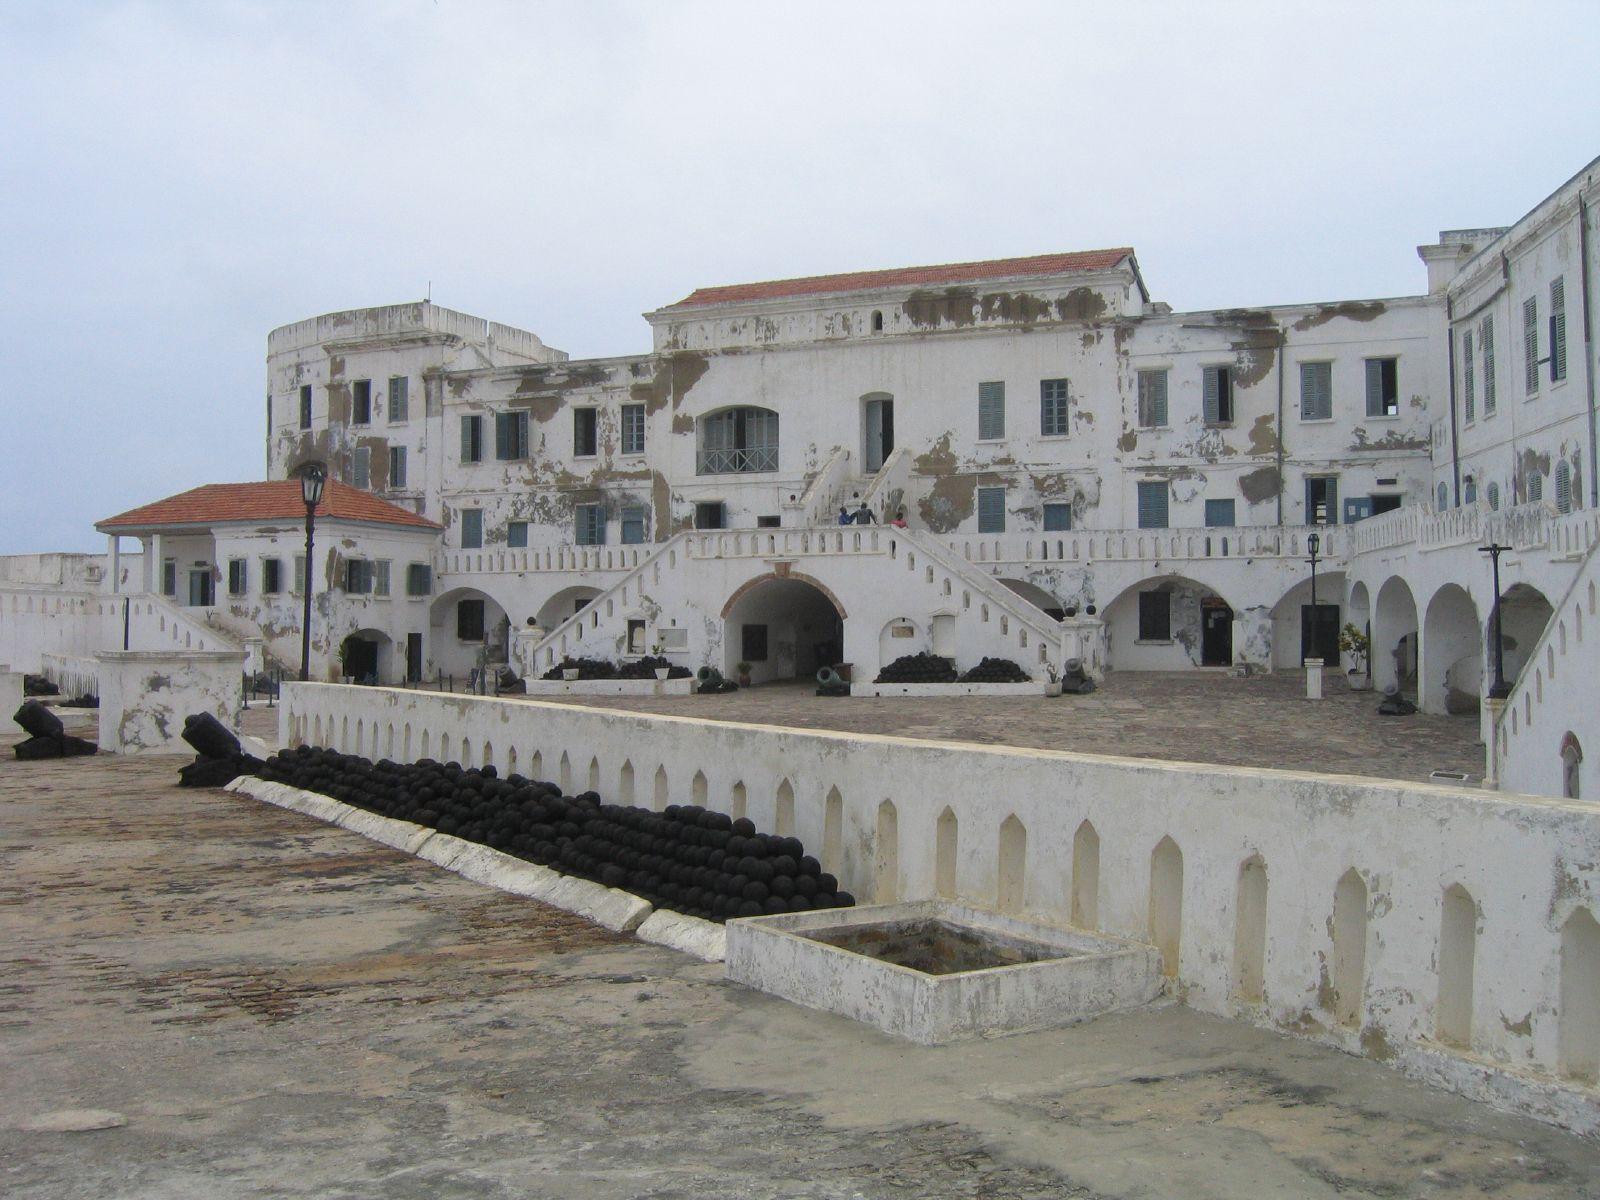 Cape Coast Castle, Ghana. Uitvalsbasis voor de transatlantische slavenhandel